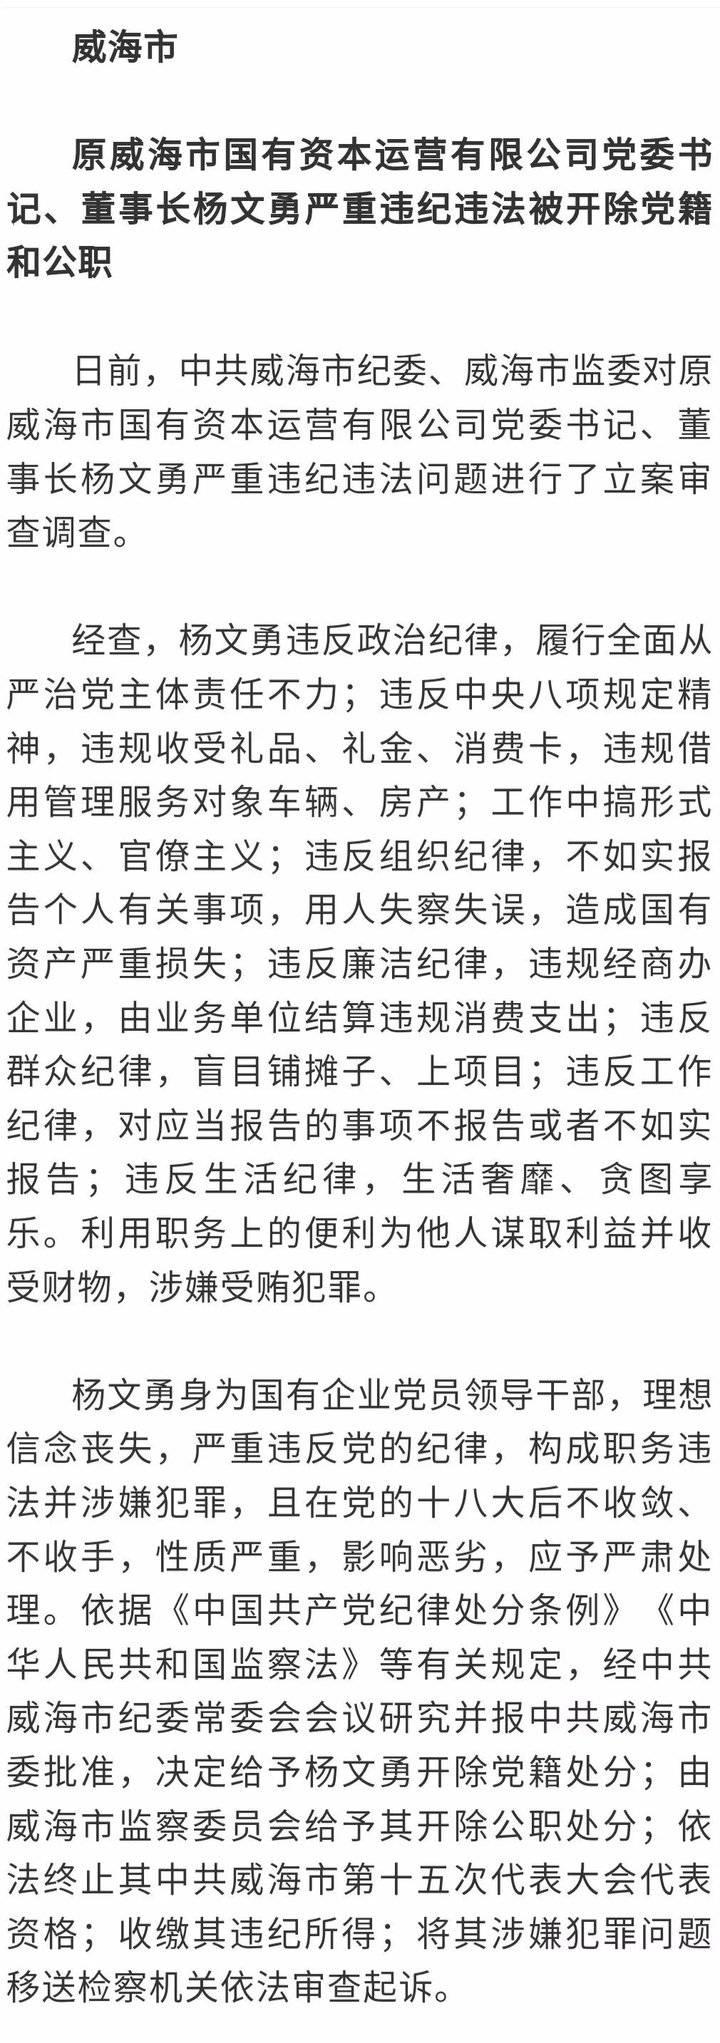 青岛、威海、临沂市通报多起典型问题!1人被查,1人被开除党籍